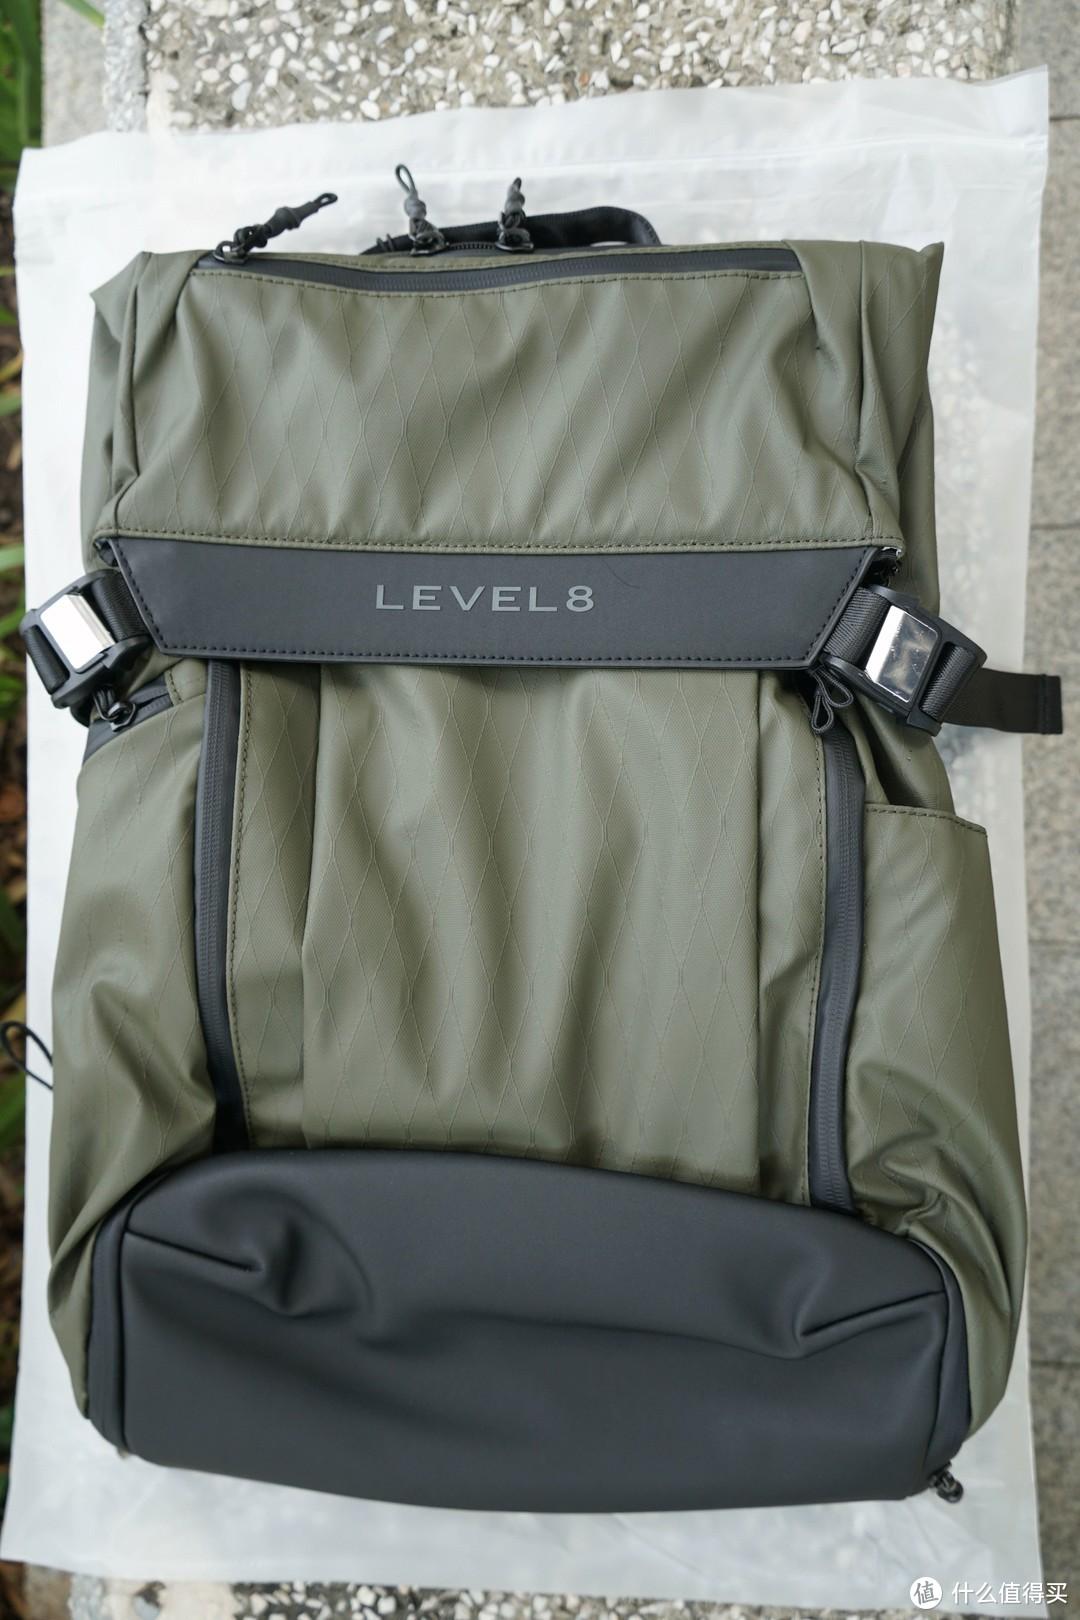 包是用军绿色搭配黑色双间的设计很有时尚感。活泼的军绿色既经用耐脏,前袋是采用TPV防泼水的